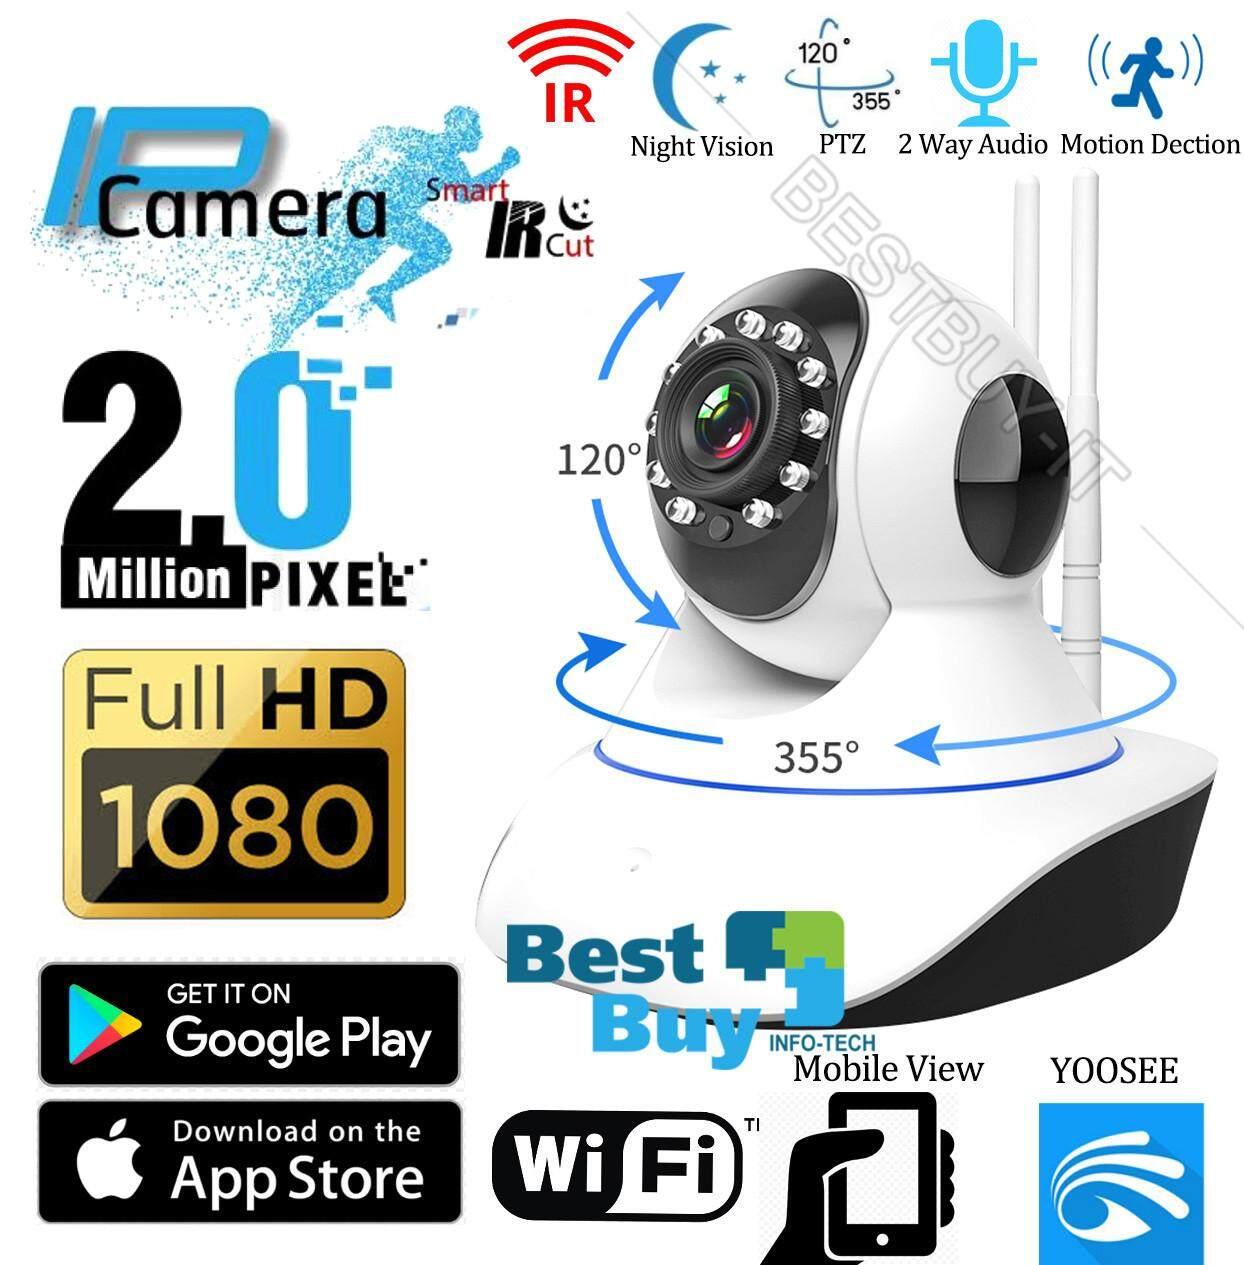 Home Ip Security Camera กล้องวงจรปิดไร้สาย ตรวจสอบ Wifi กล้อง Ip 1080p Hd รองรับหน่วยความจำ 128gb การตรวจจับด้วยอินฟราเรดตอนกลางคืน การแจ้งเตือนแอพมือถือ Home Ip Security Camera By Bestbuy-It.